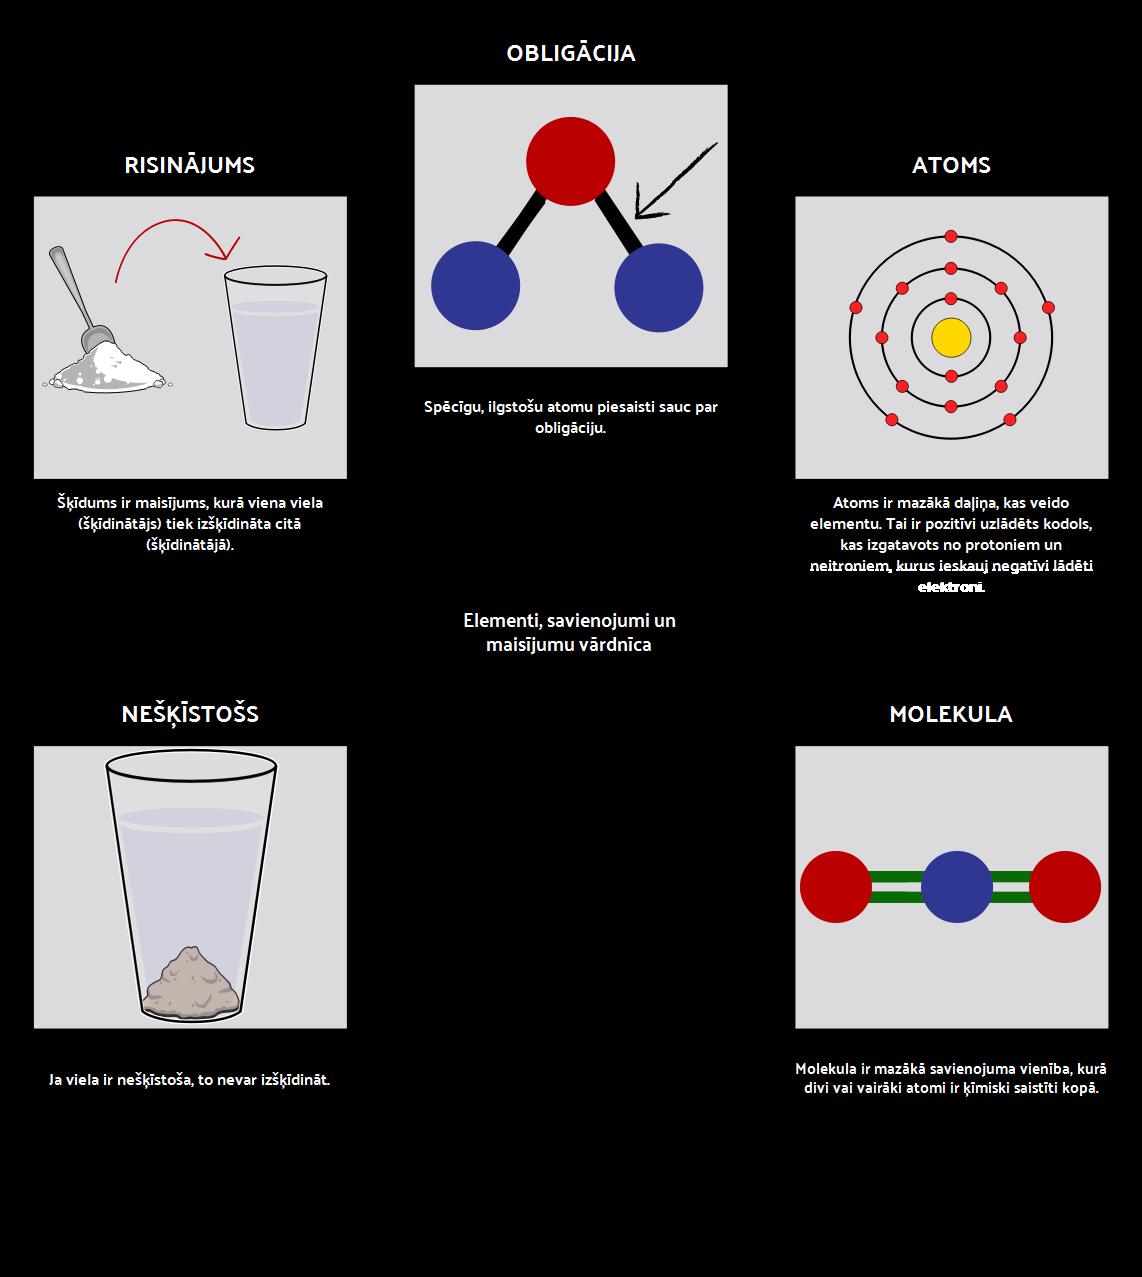 Elementi, Savienojumi un Maisījumi Vārdnīca